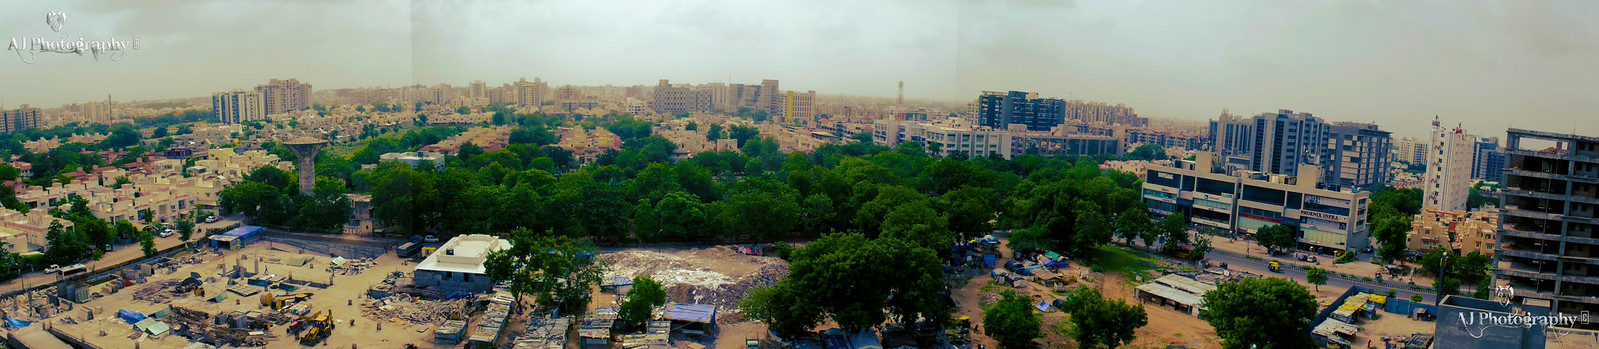 Ahmedabad Panorama At Flickr By Ajay Singh Kharayat